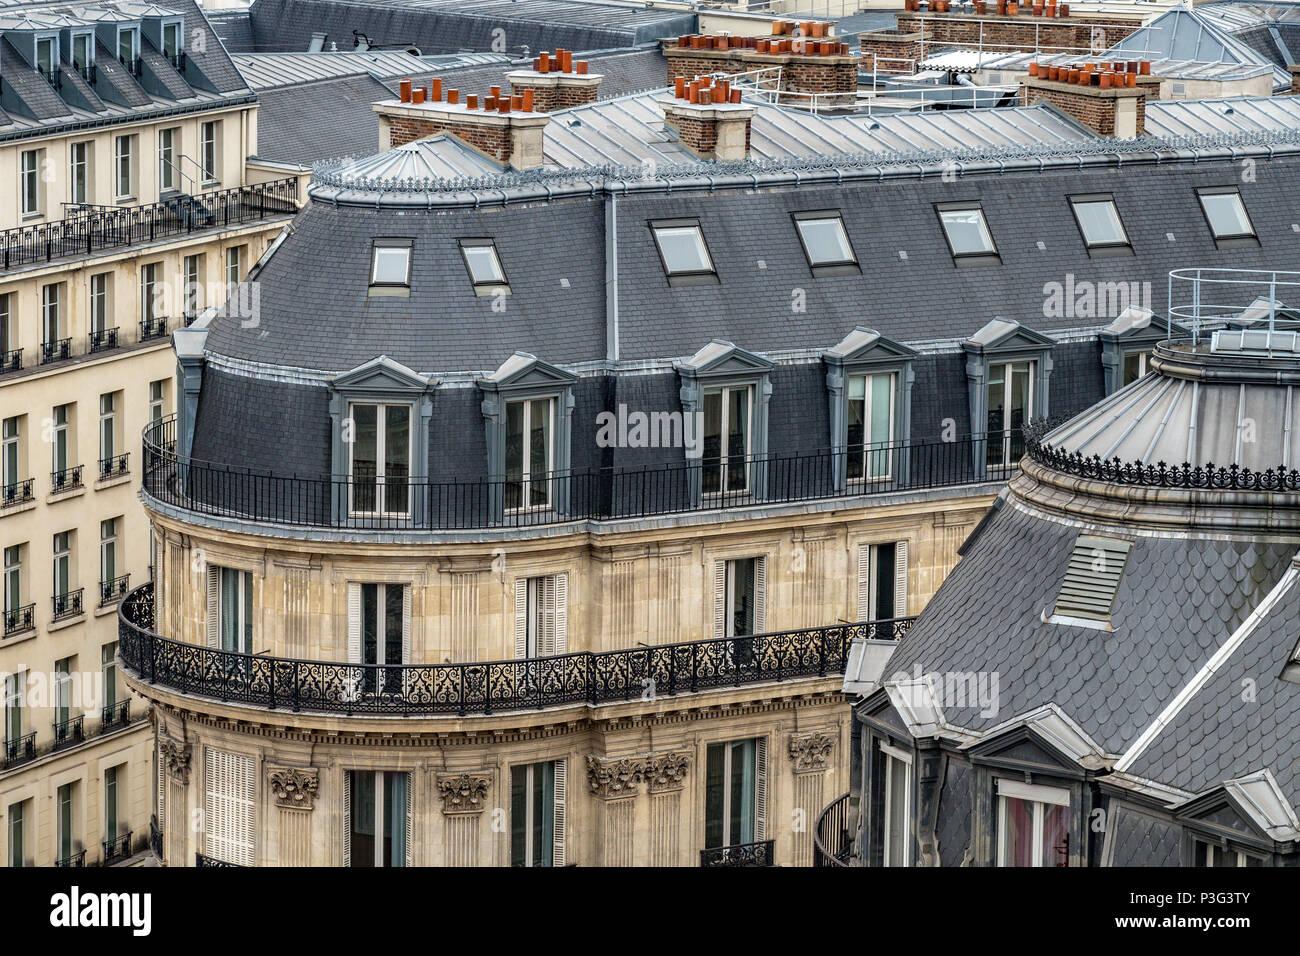 Los tejados de pizarra gris elegante de París, edificios de apartamentos, un balcón y habitaciones abuhardilladas, Boulevard Haussmann ,Paris ,Francia Imagen De Stock